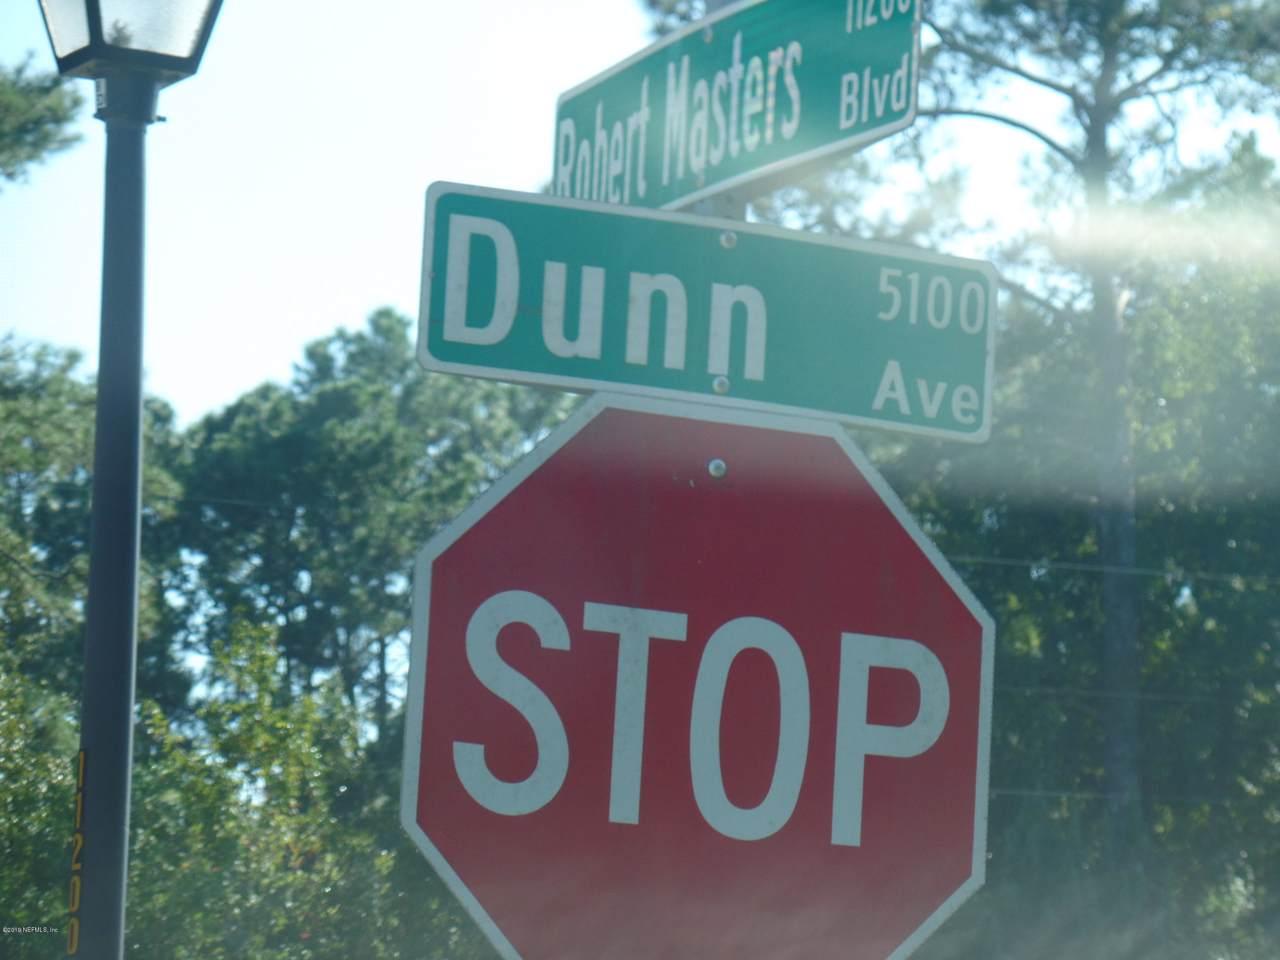 0 Dunn Ave - Photo 1